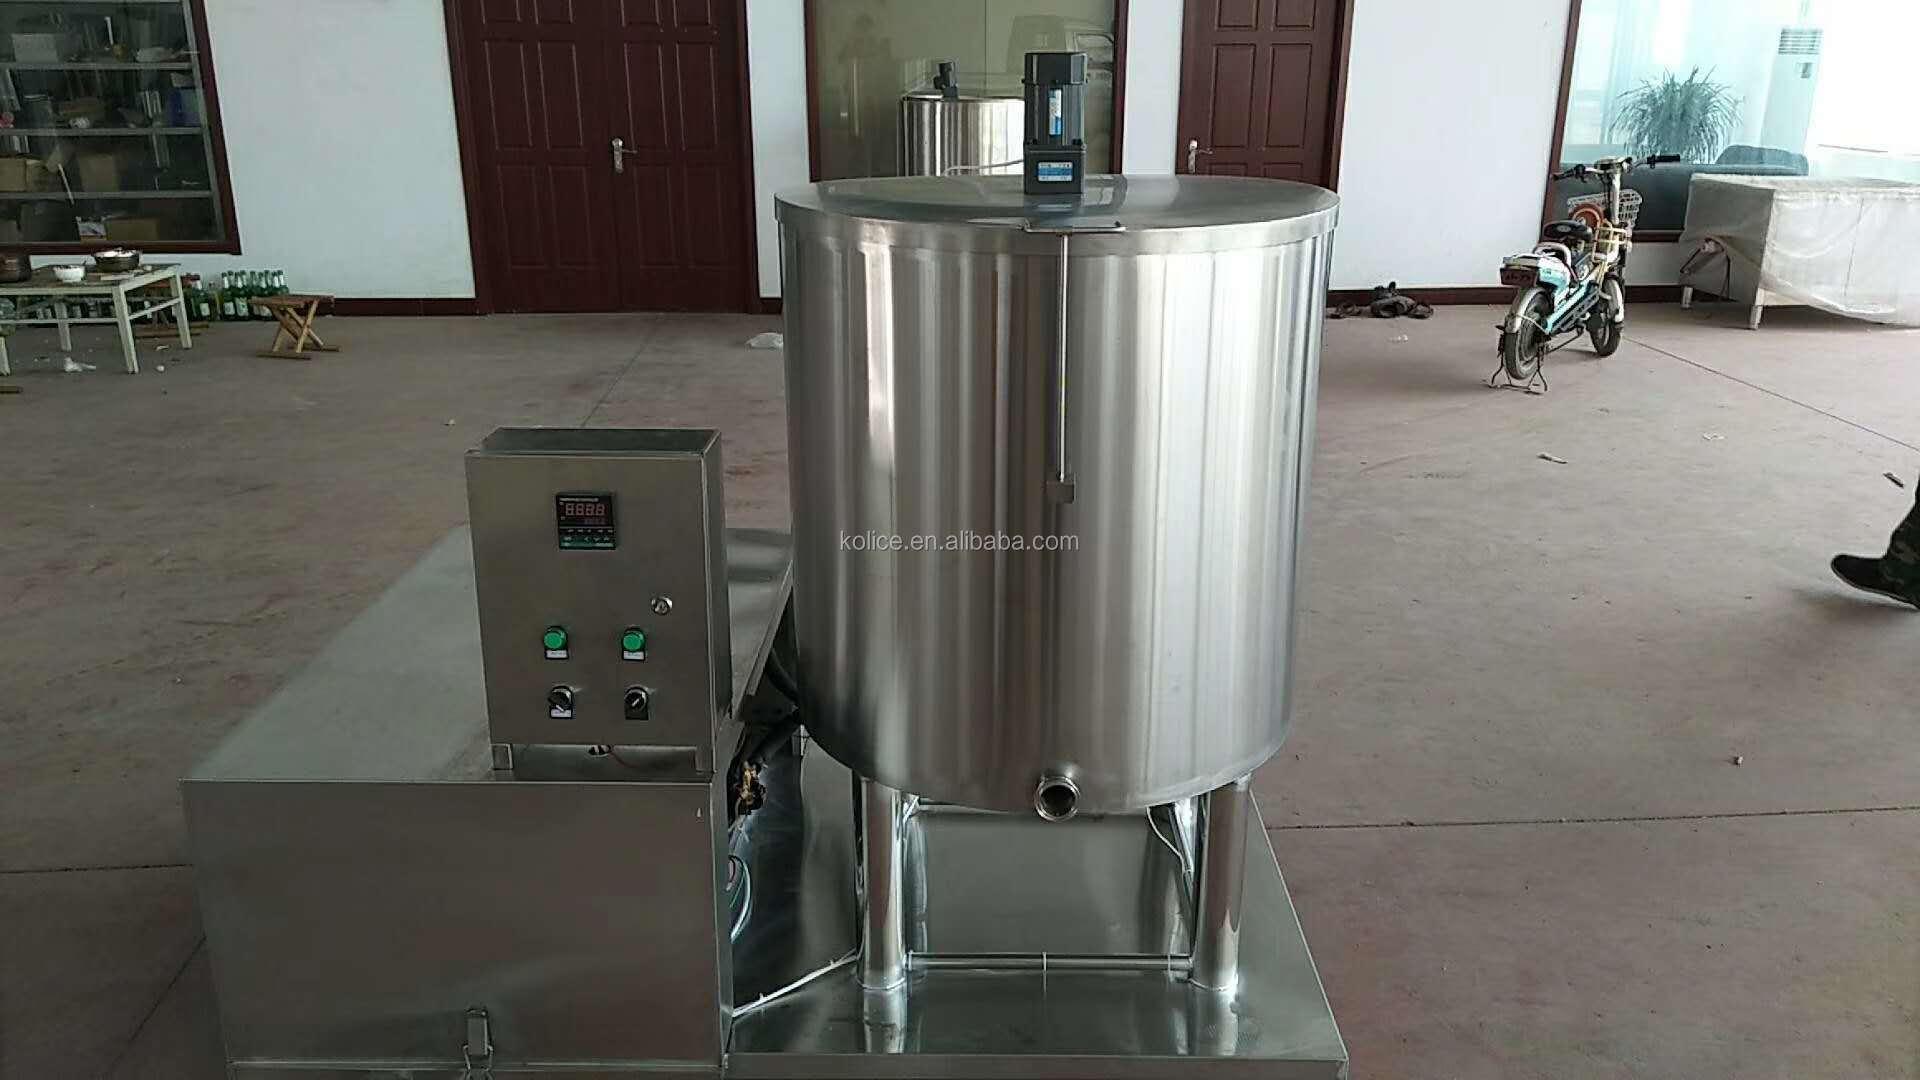 200L 150L 100L कम और उच्च तापमान स्वत: नियंत्रण प्रणाली बैच दूध आइसक्रीम pasteurization pasteurizer निर्माता